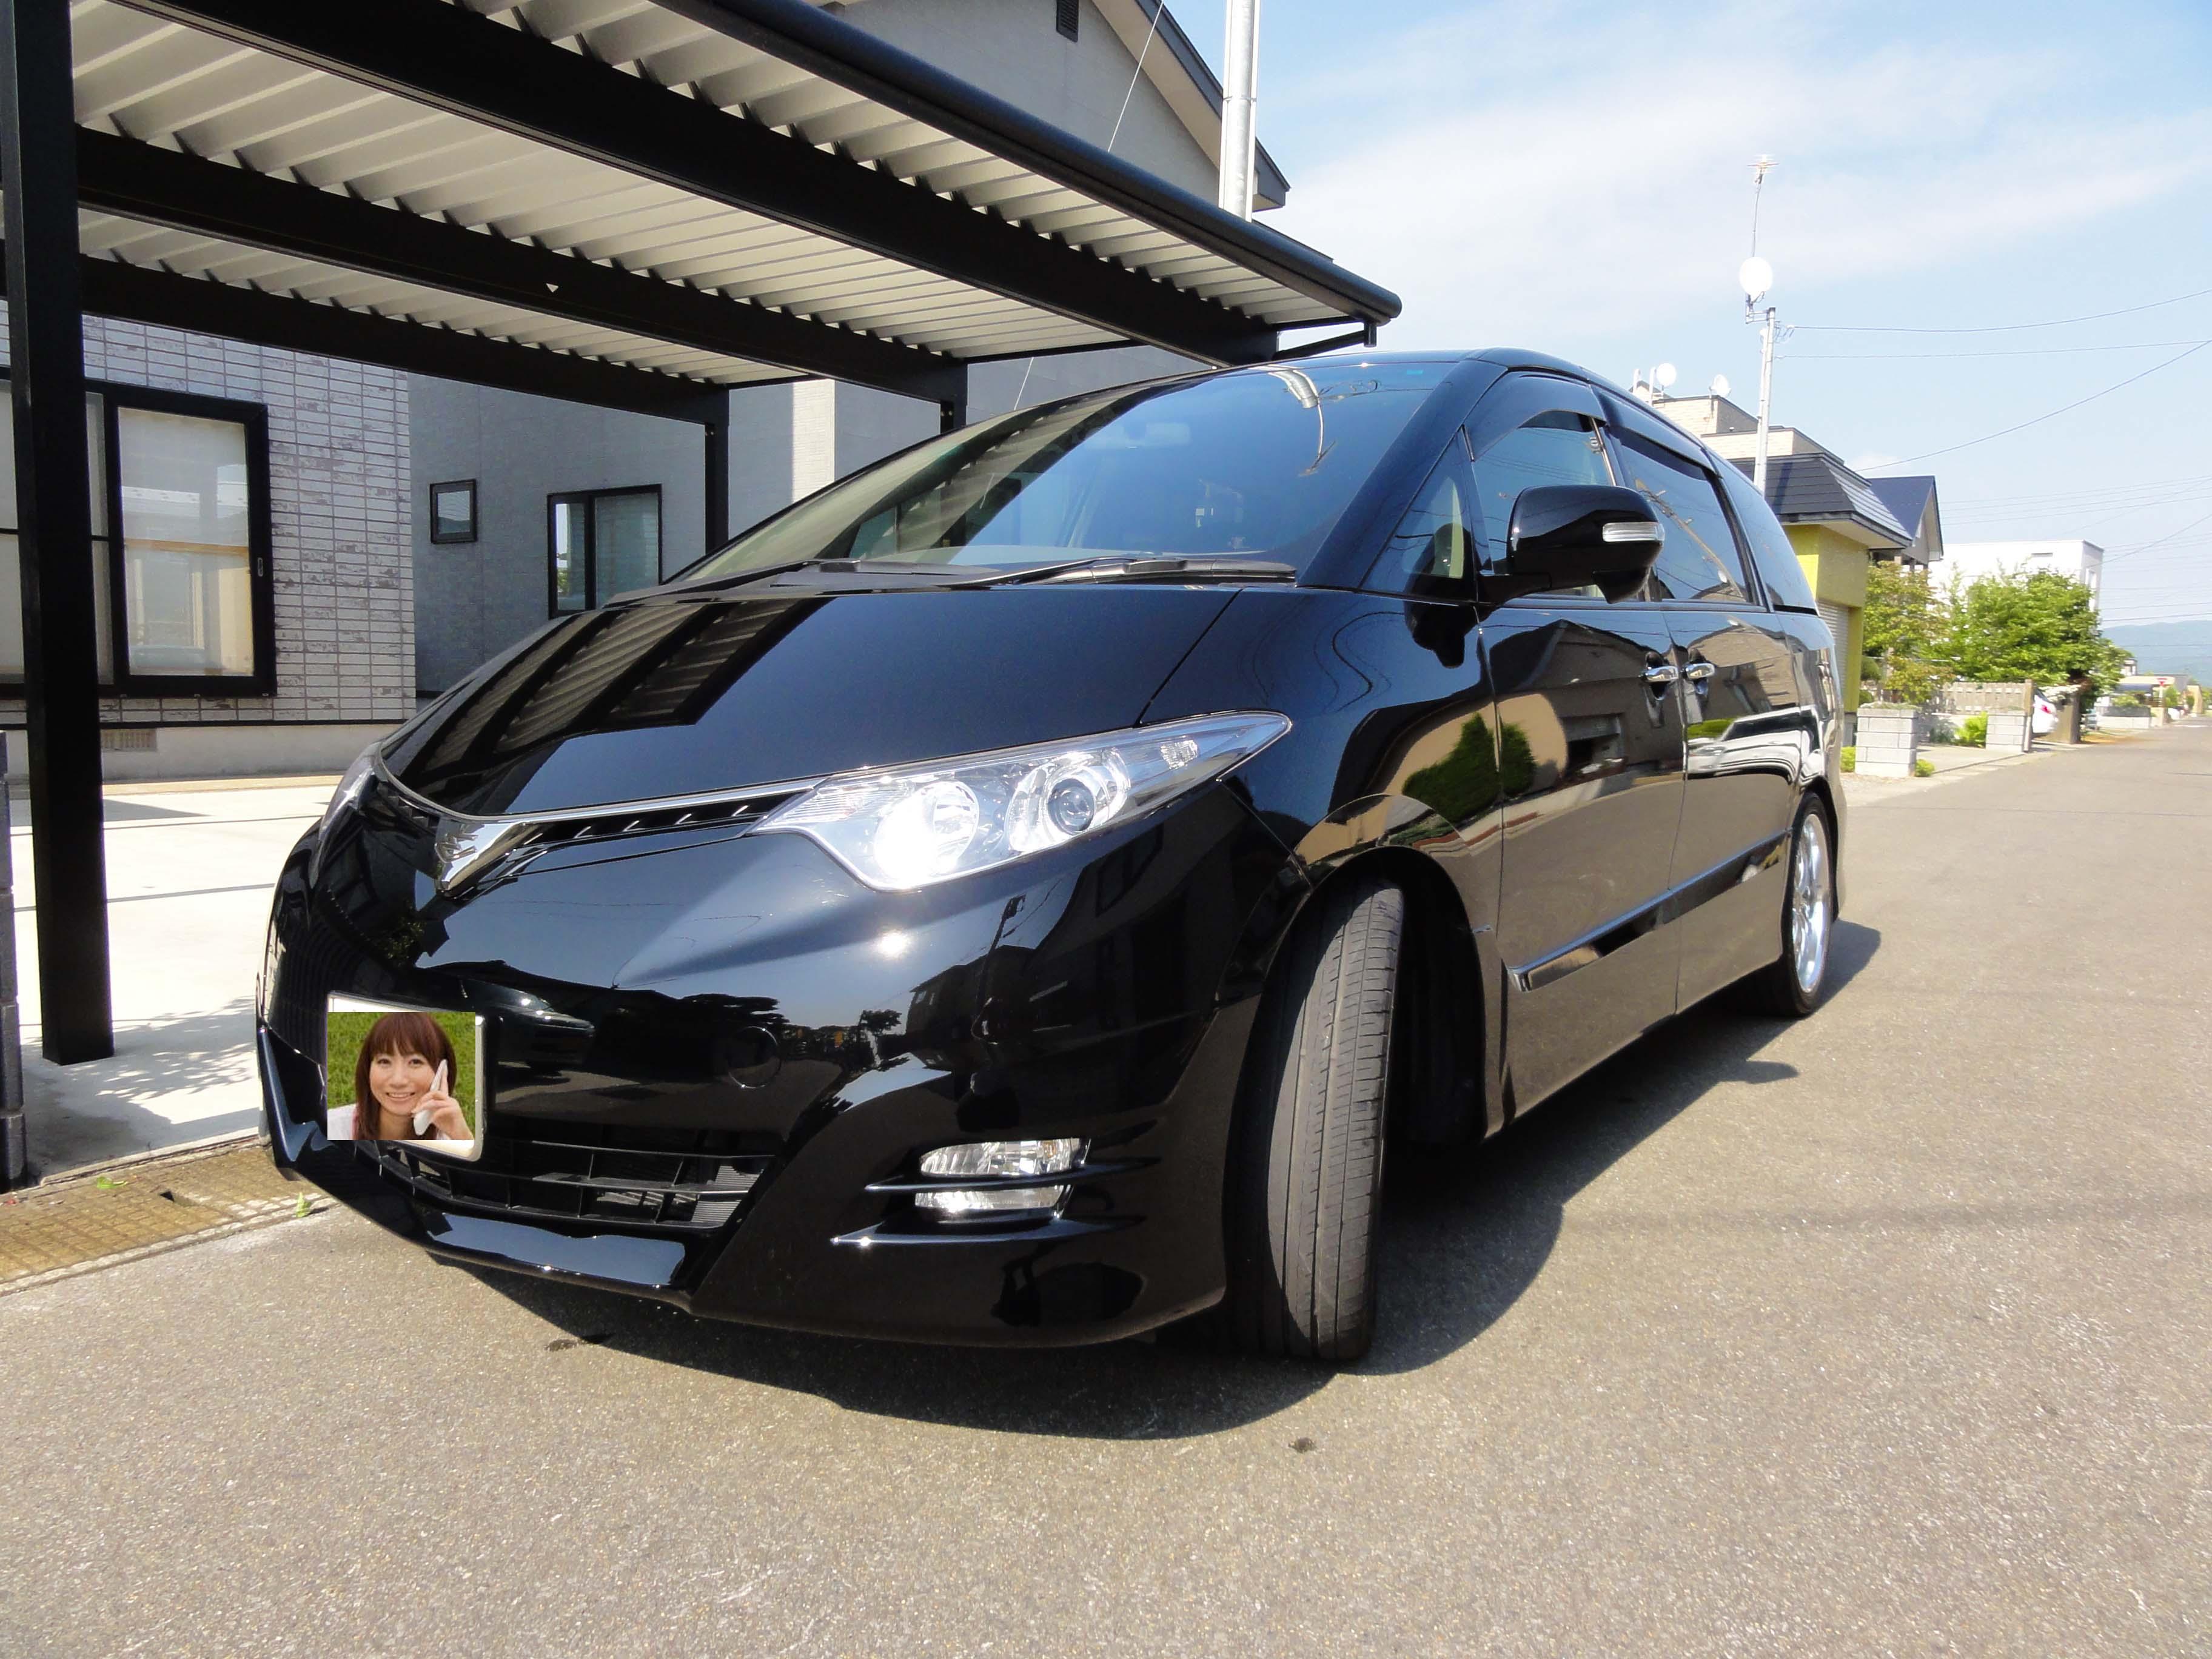 ガラスコーティング剤 車のコーティング トヨタ エスティマ アエラスGエディション  トヨタ202